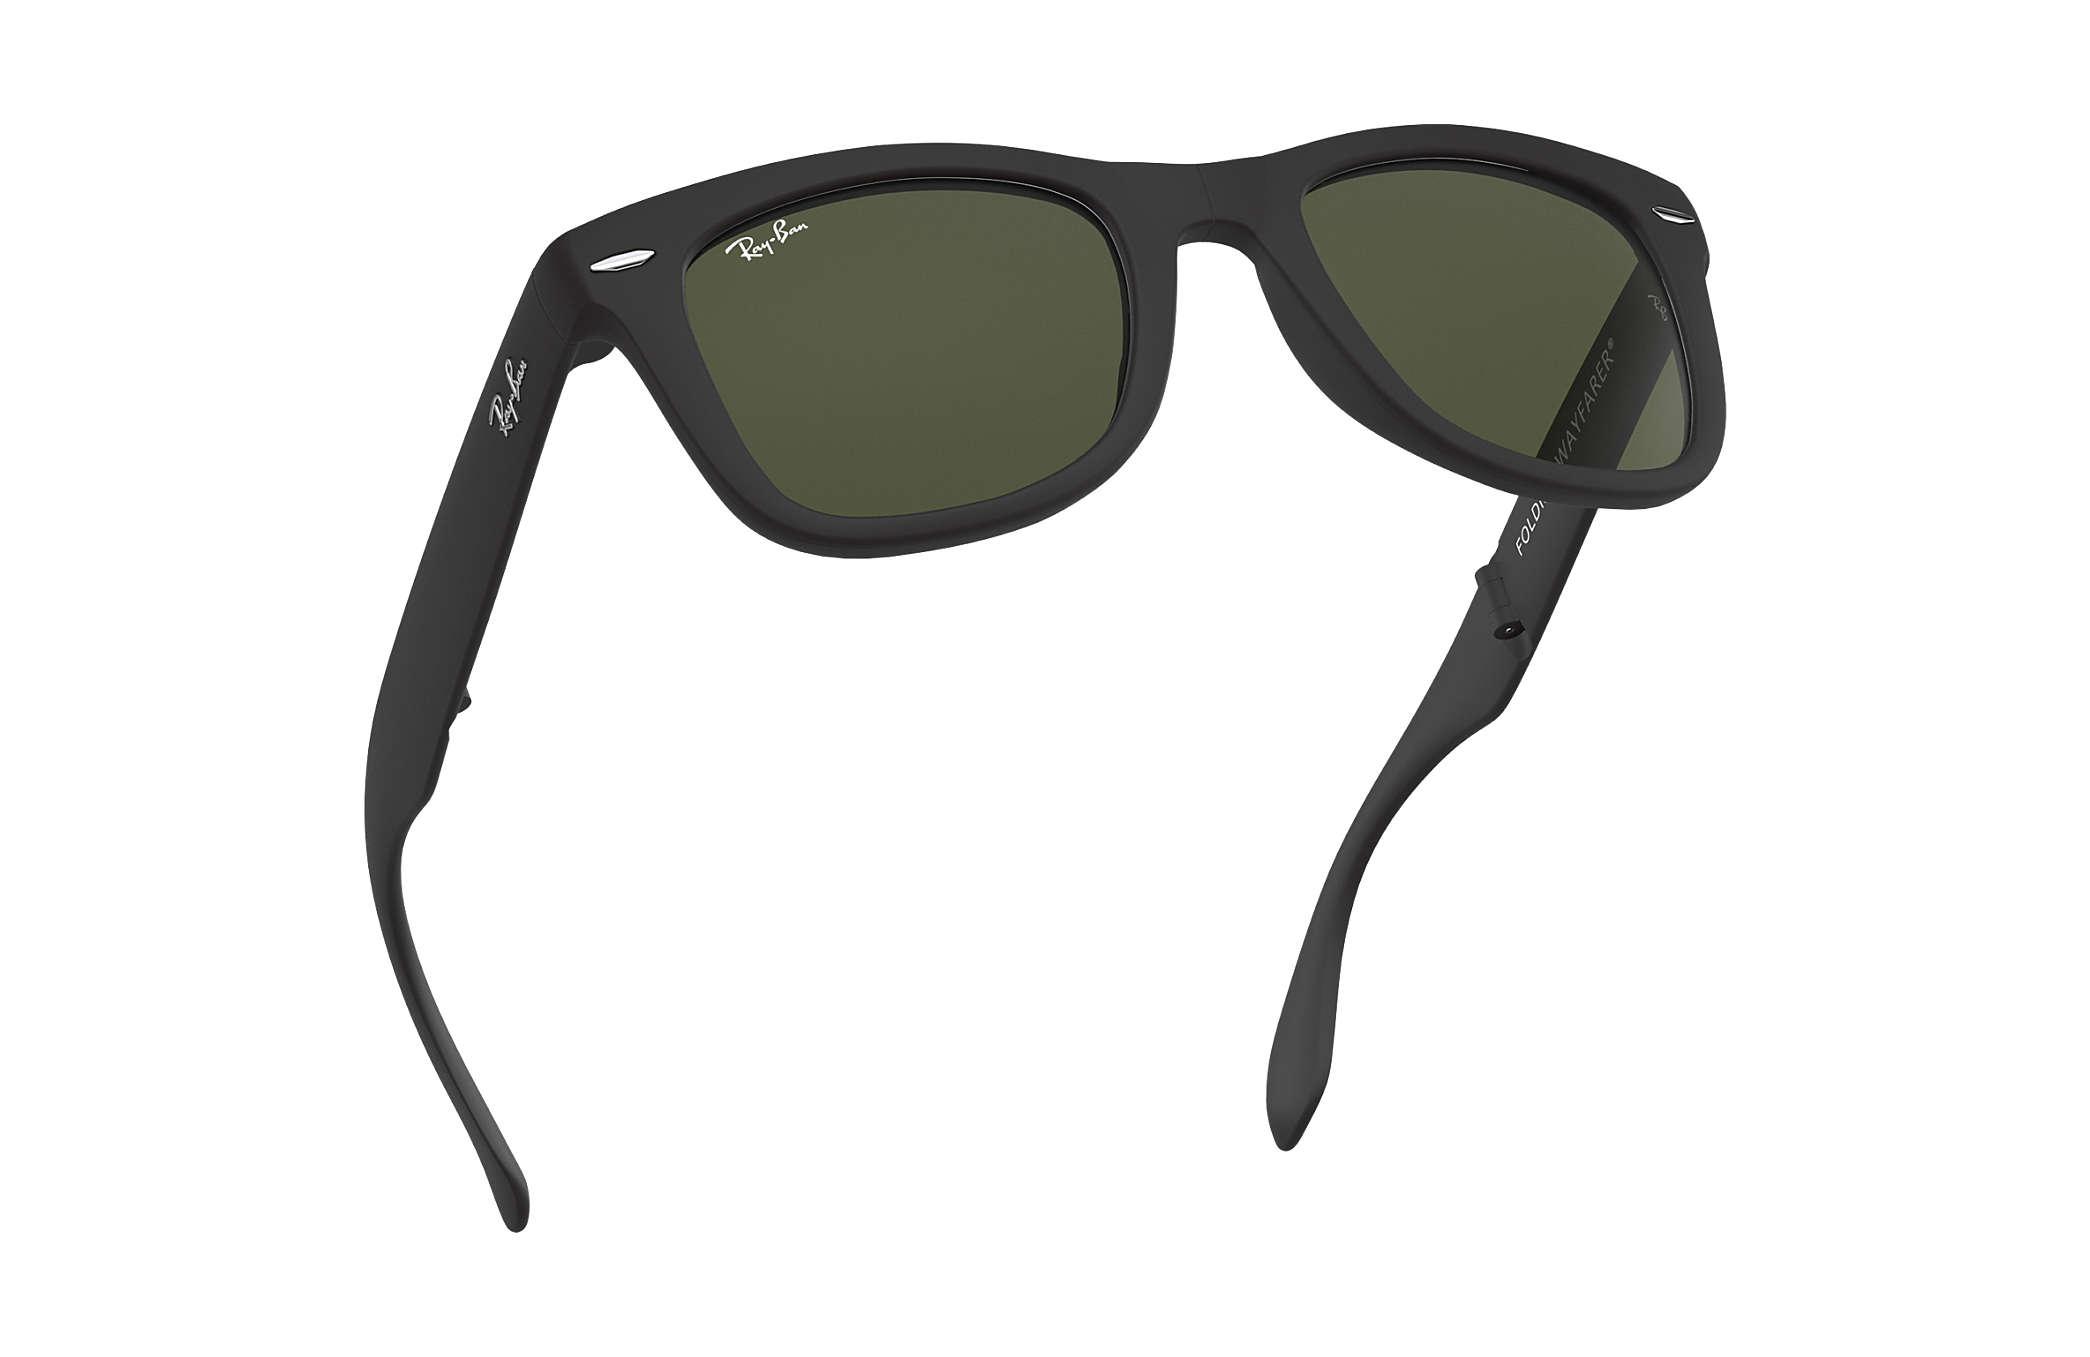 c0fb0028e1 Ray-Ban Wayfarer Folding Classic RB4105 Black - Nylon - Green Lenses ...